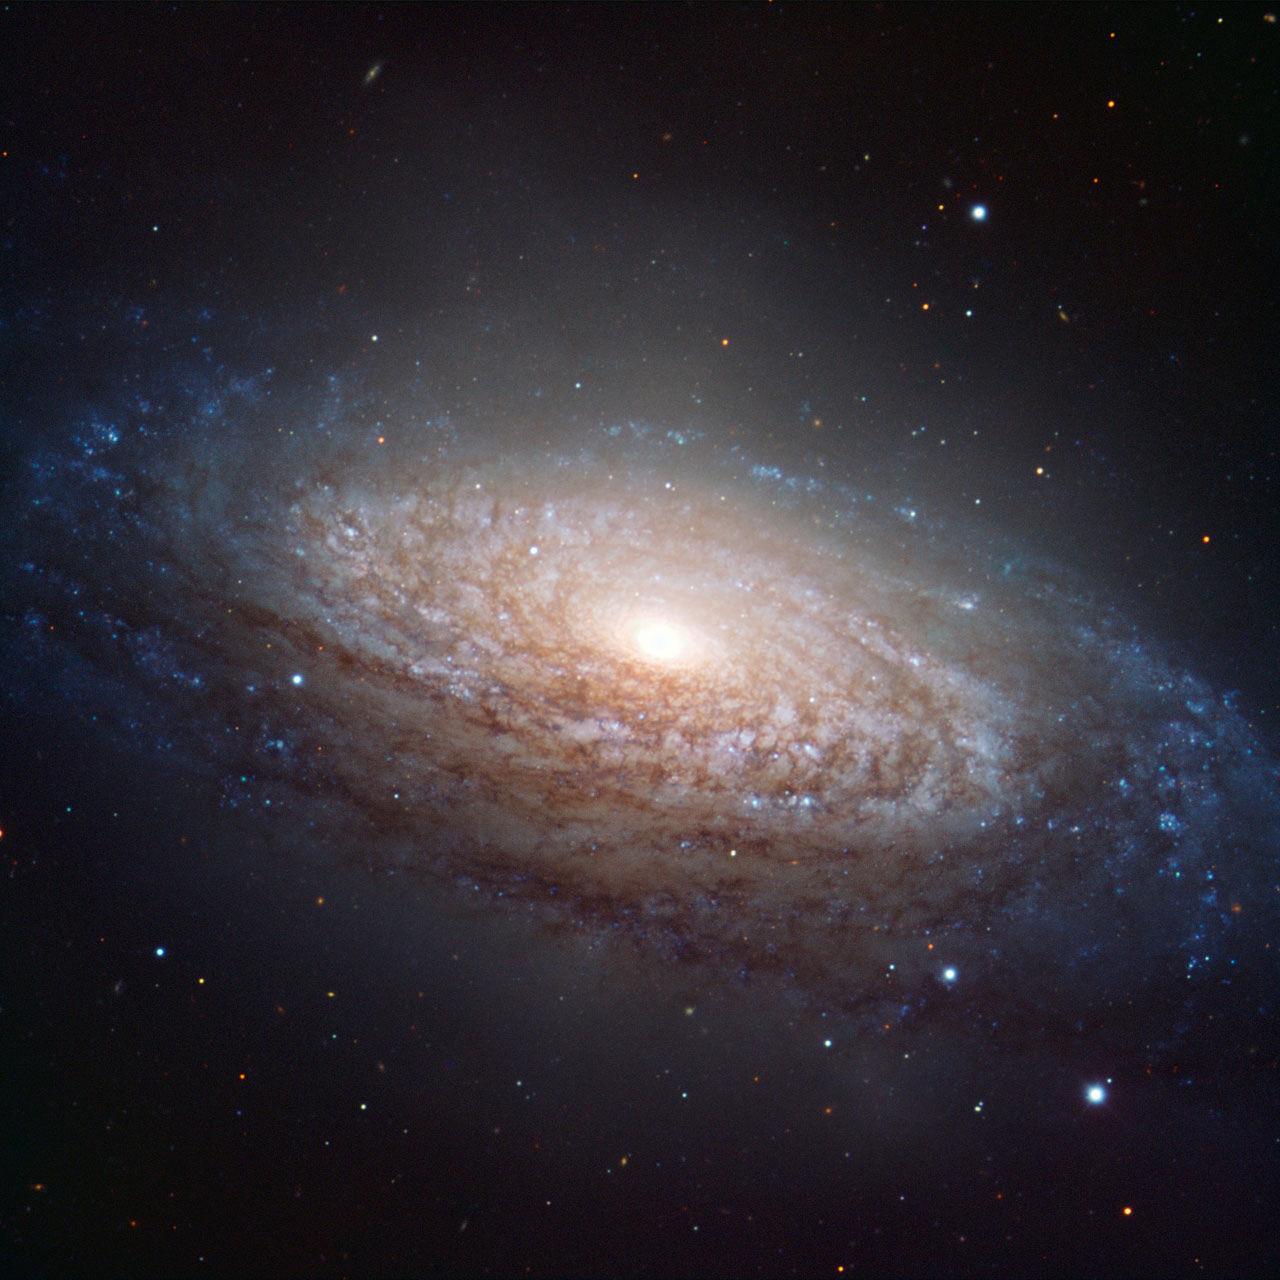 2016星海求知:天文学的奥秘考试答案- 豆丁网